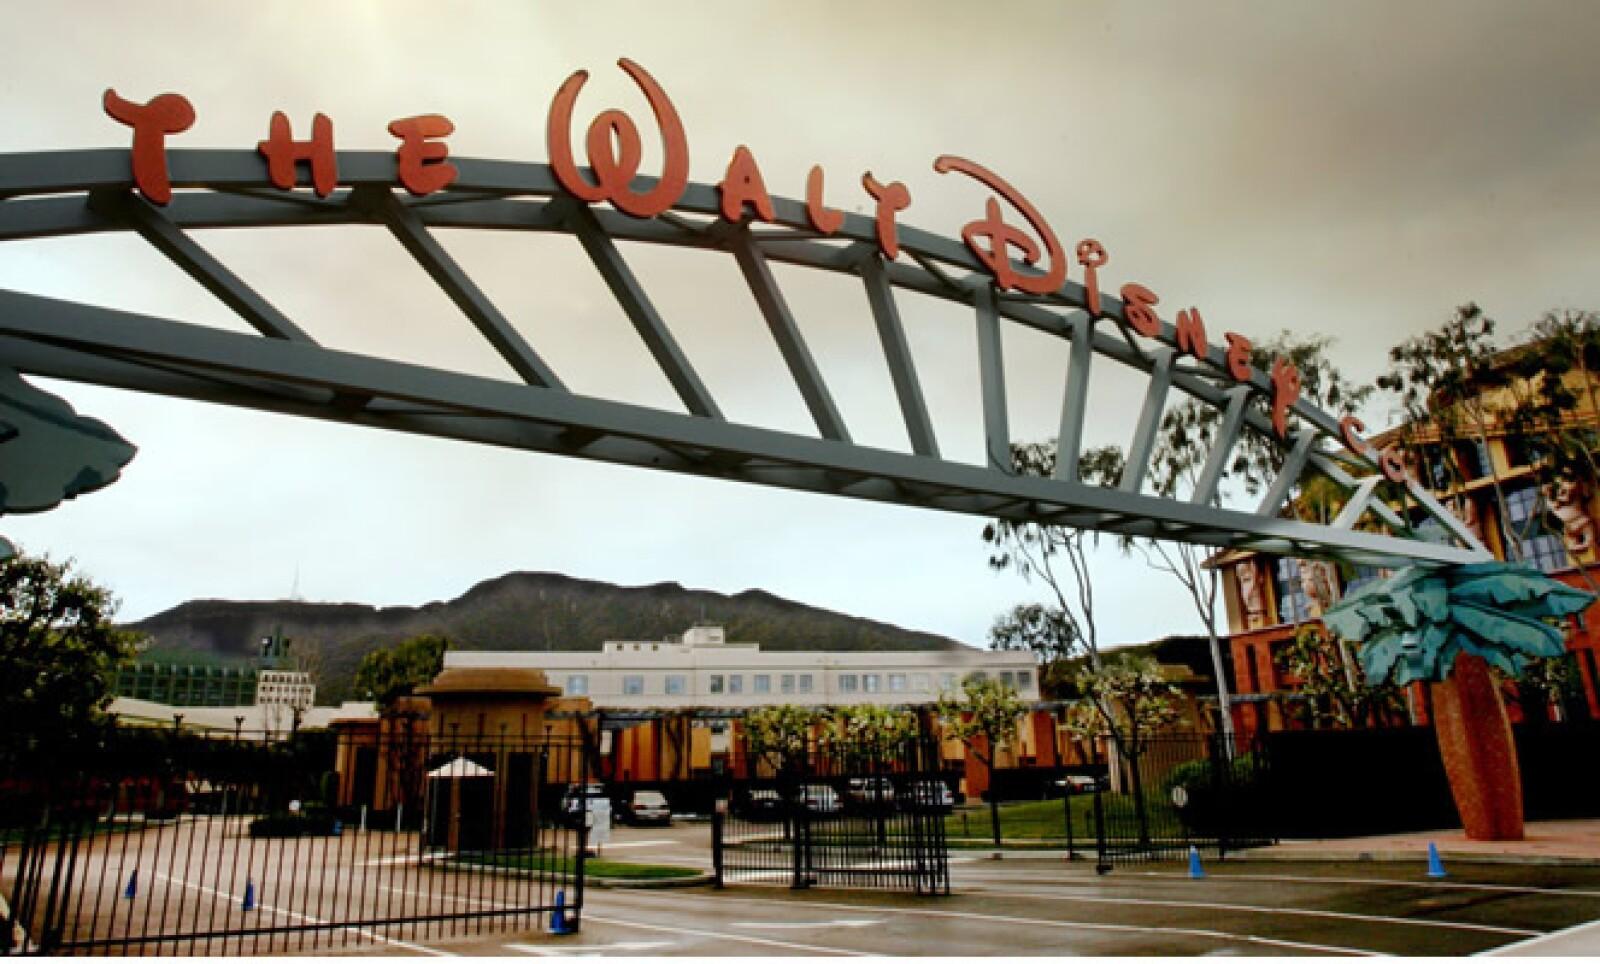 Se estima que las ganancias anuales de The Walt Disney Company son de 35 mil millones de dólares.